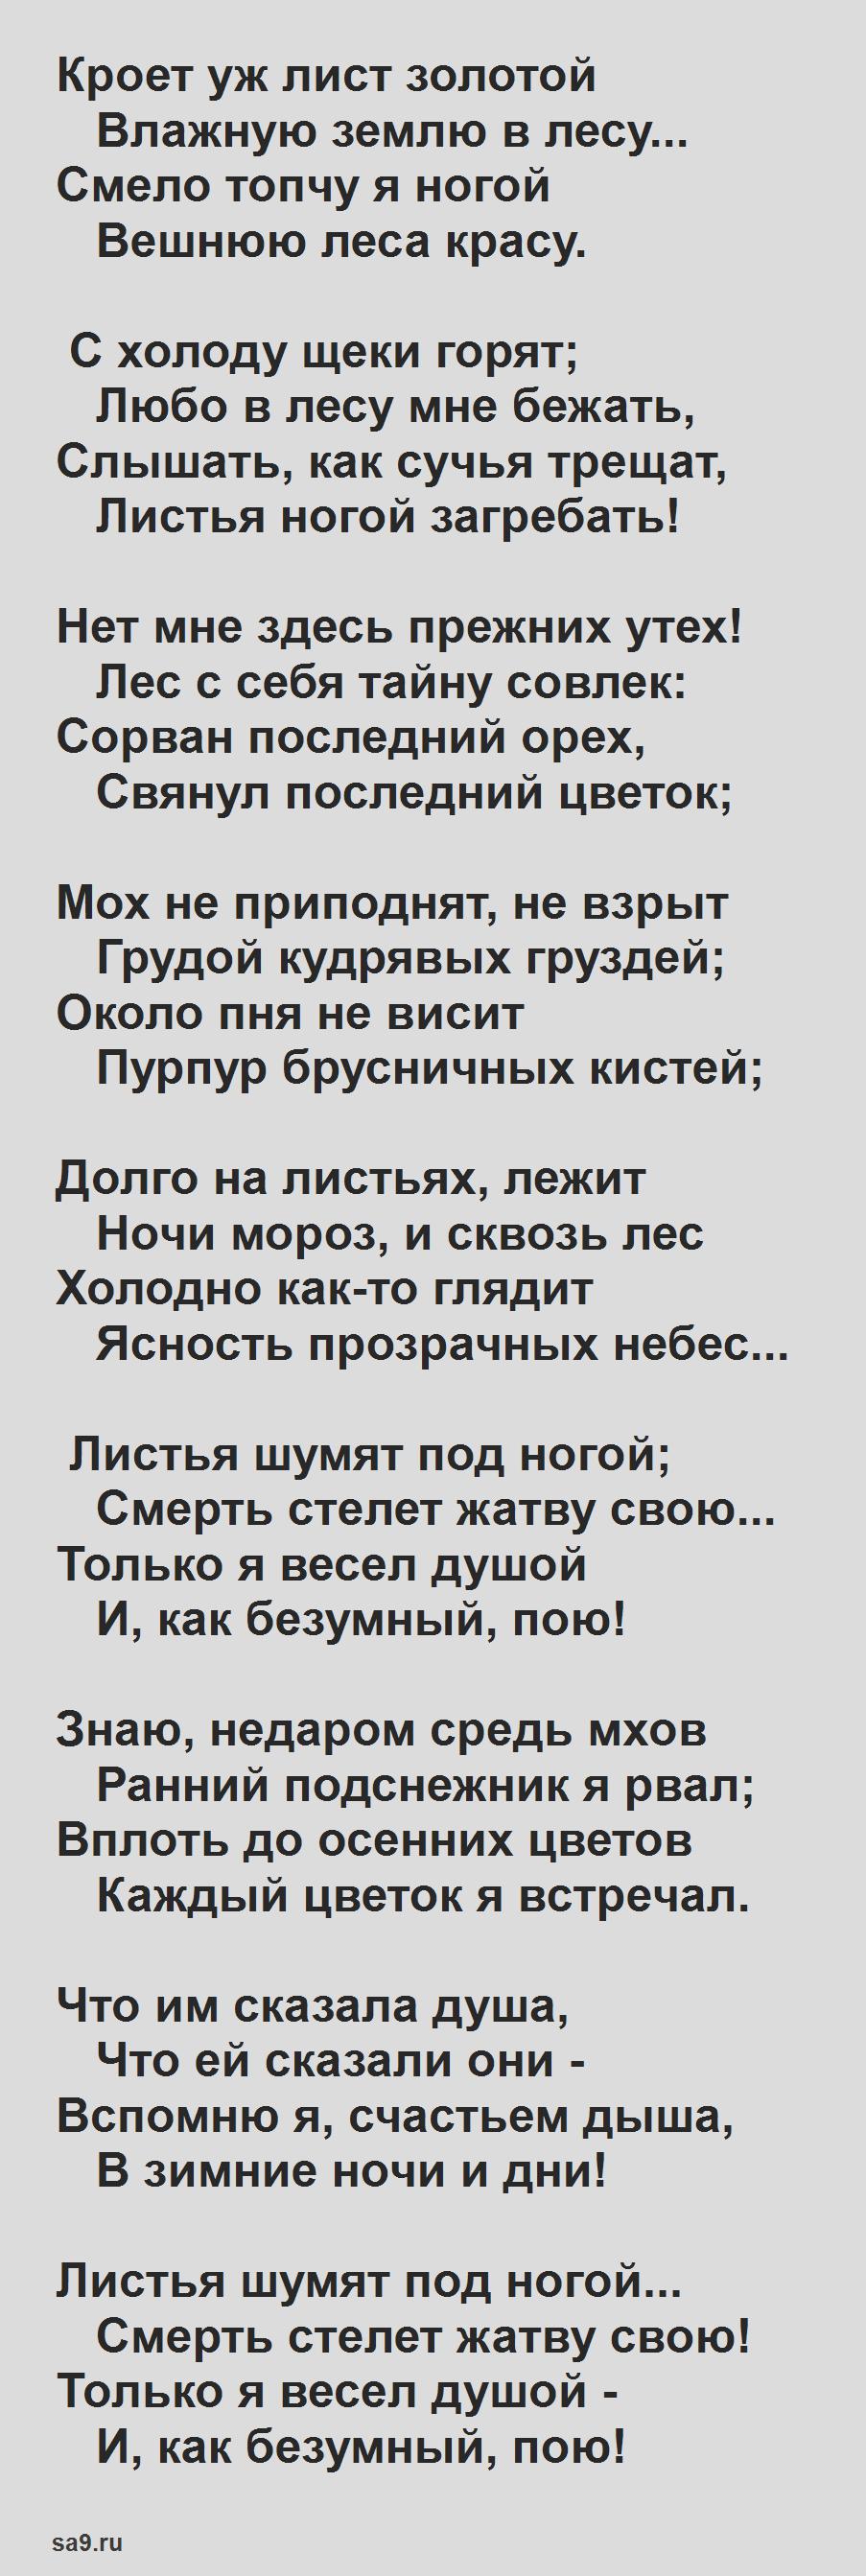 Читать стихи Майкова - Осень